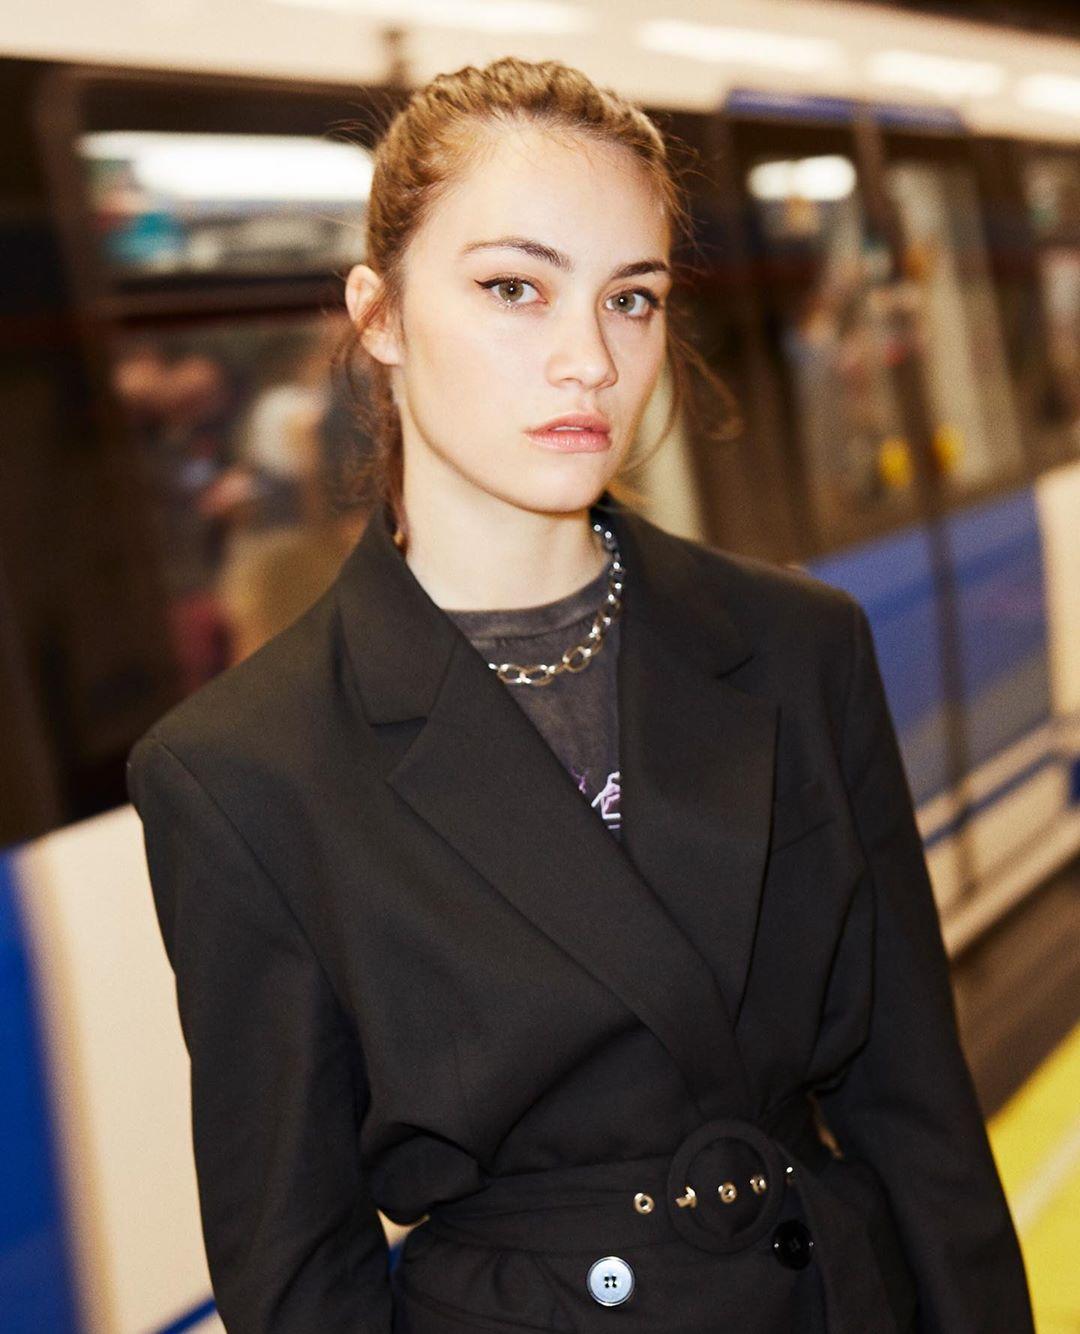 tailor jacket with belt de Bershka sur bershkacollection